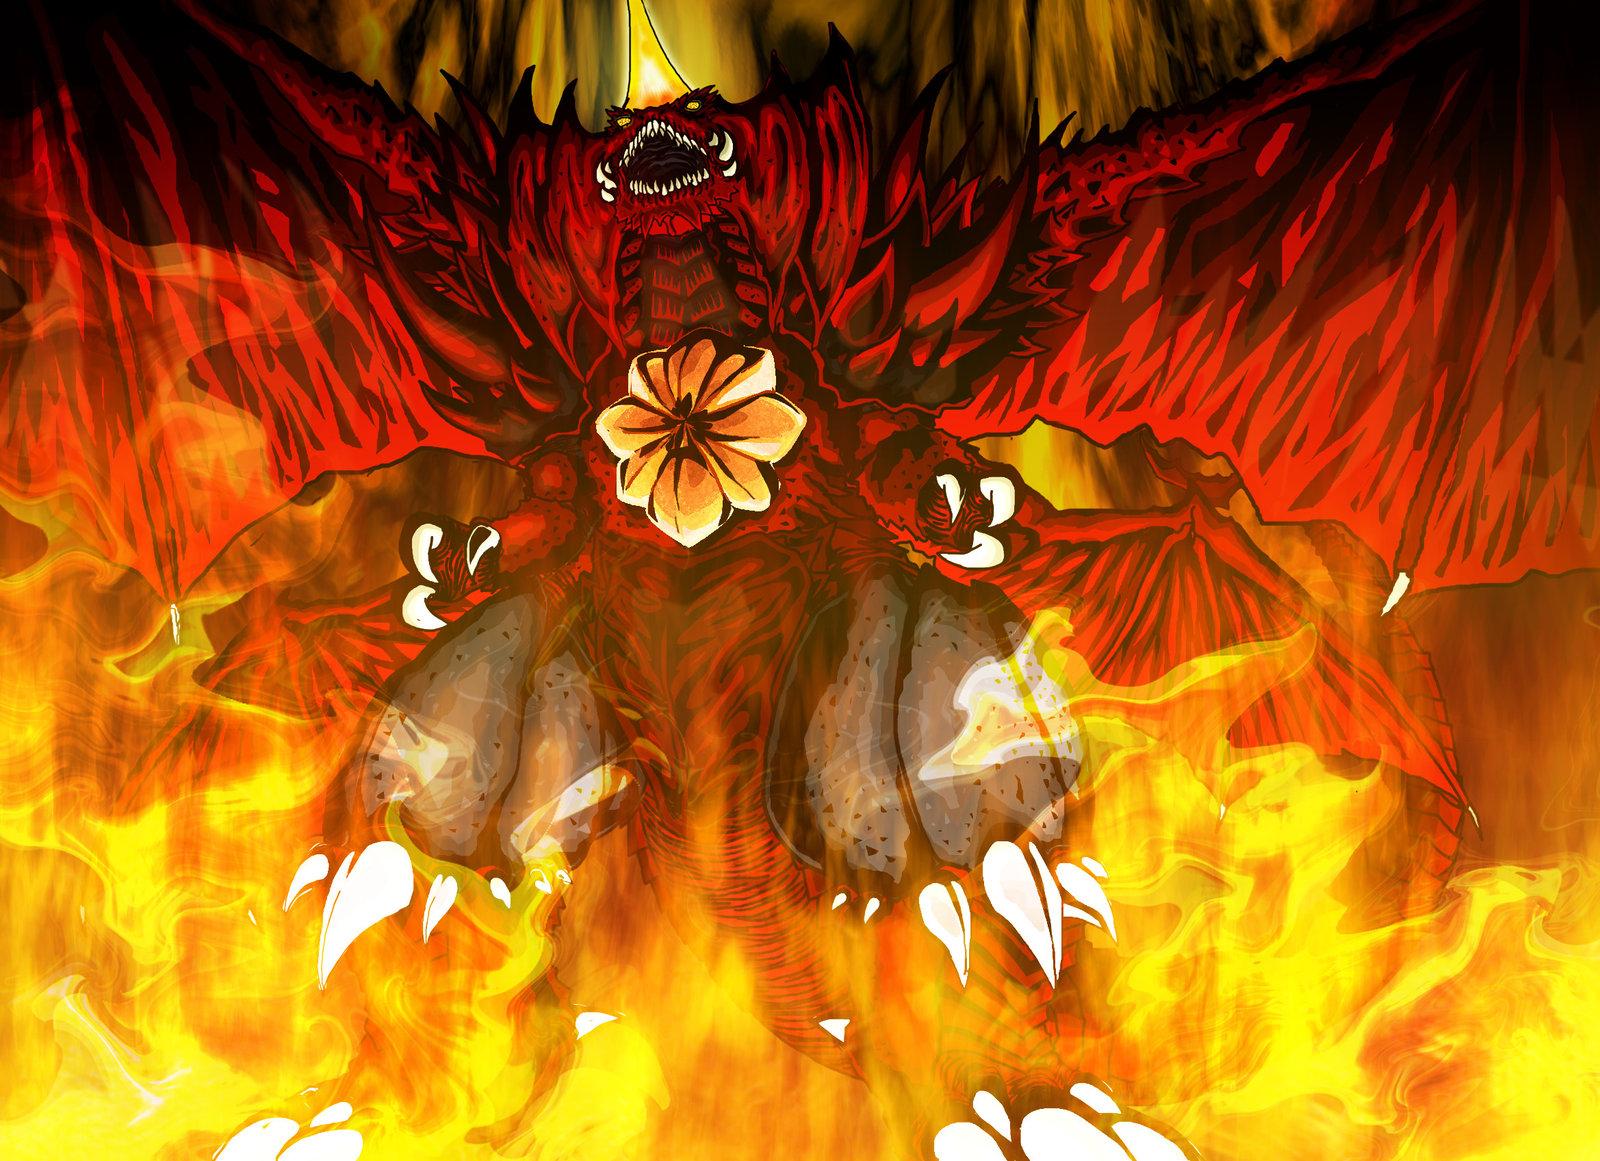 Destoroyah vs Titans Warhammer 40 000 SpaceBattles Forums 1600x1161